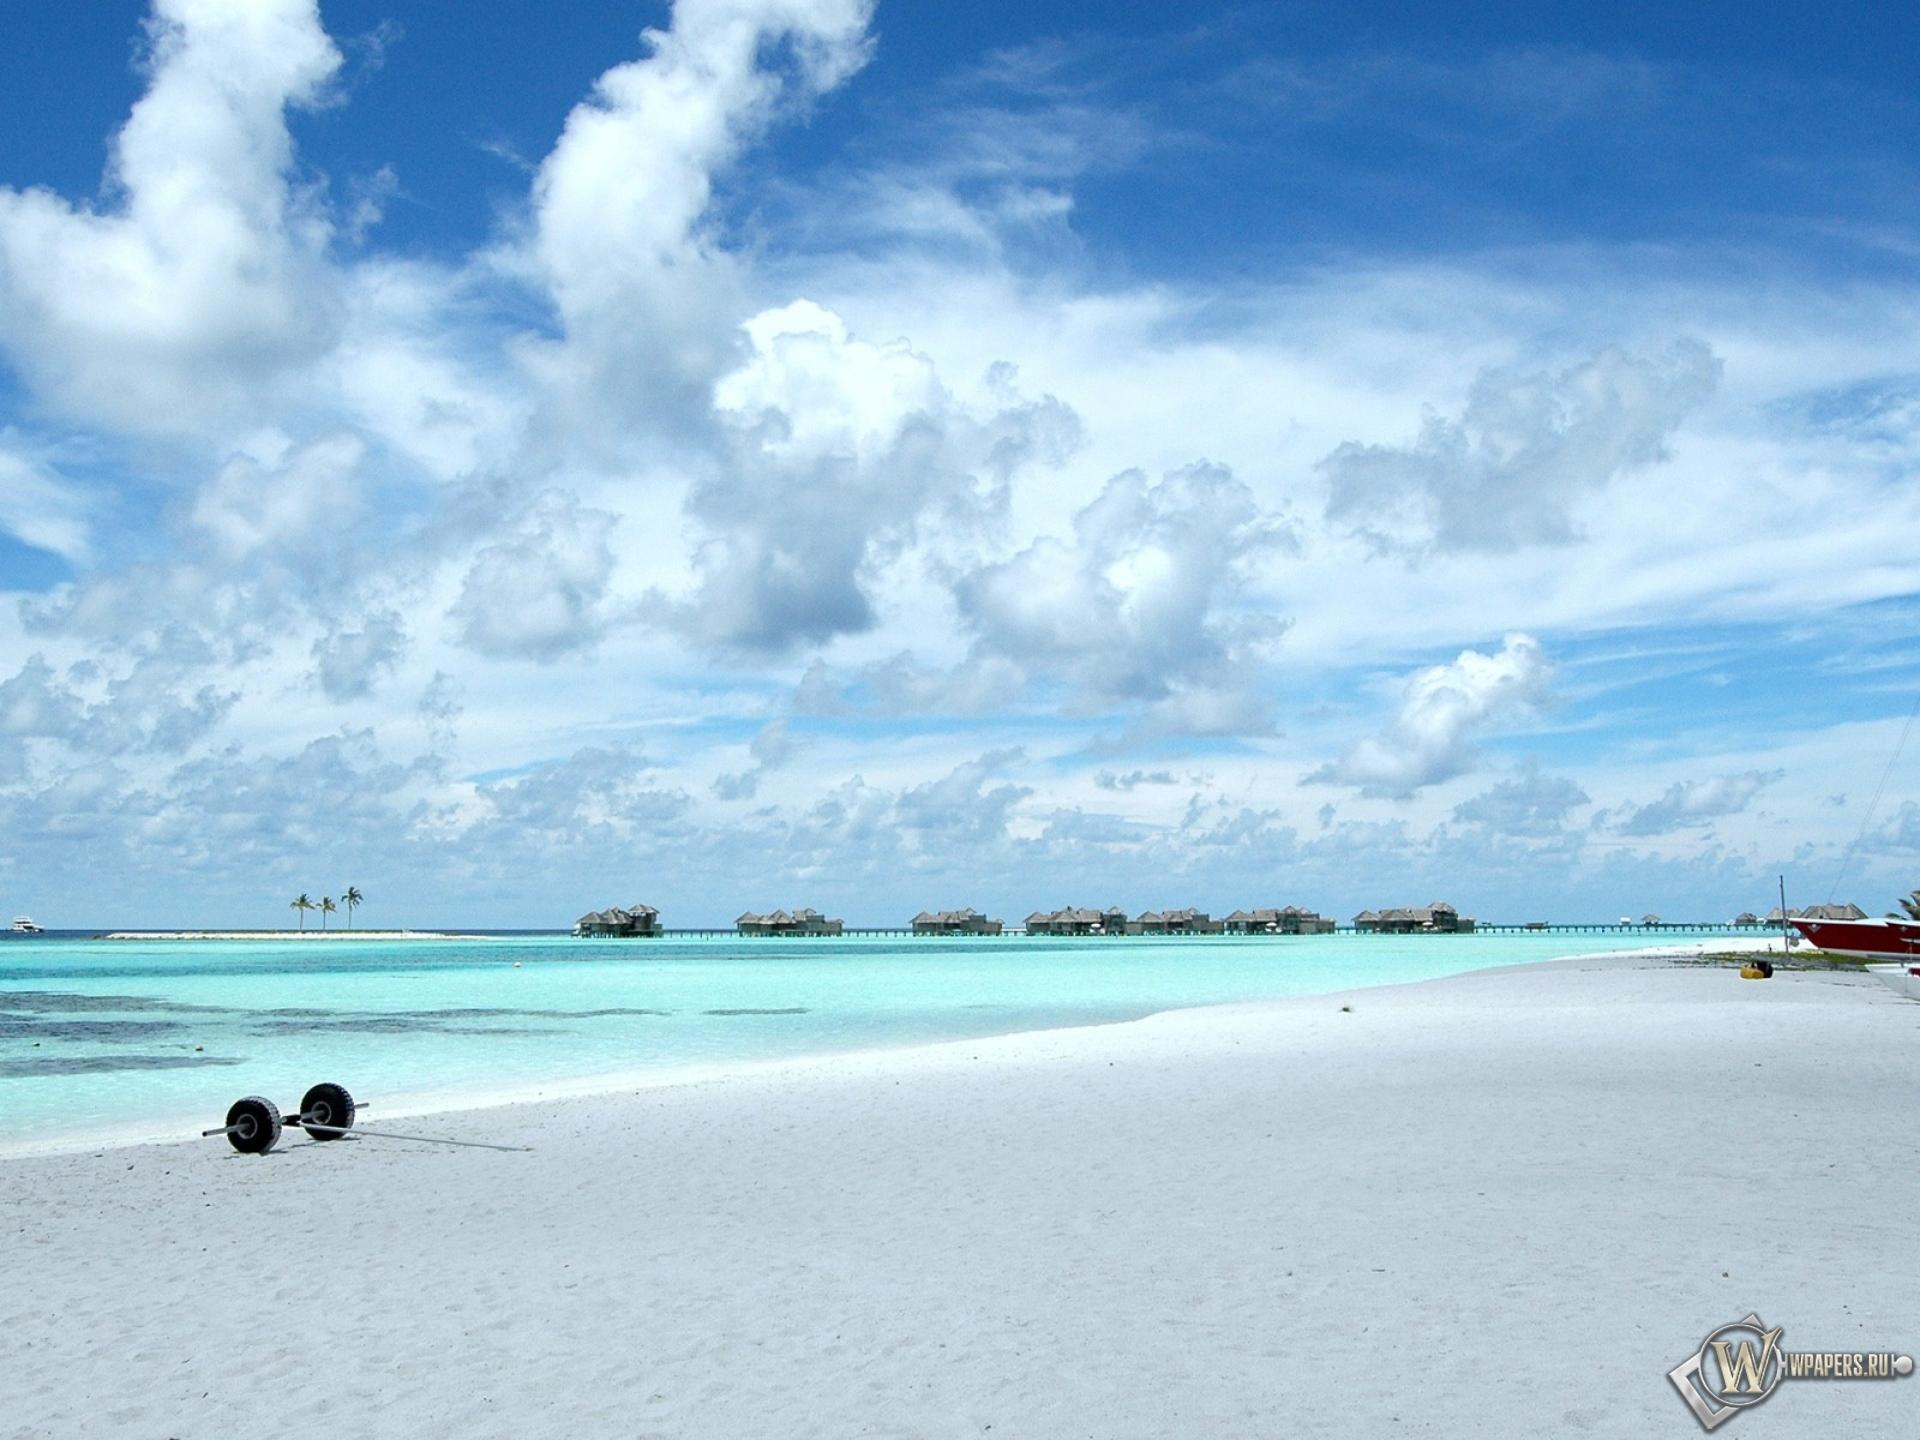 Мальдивы 1920x1440